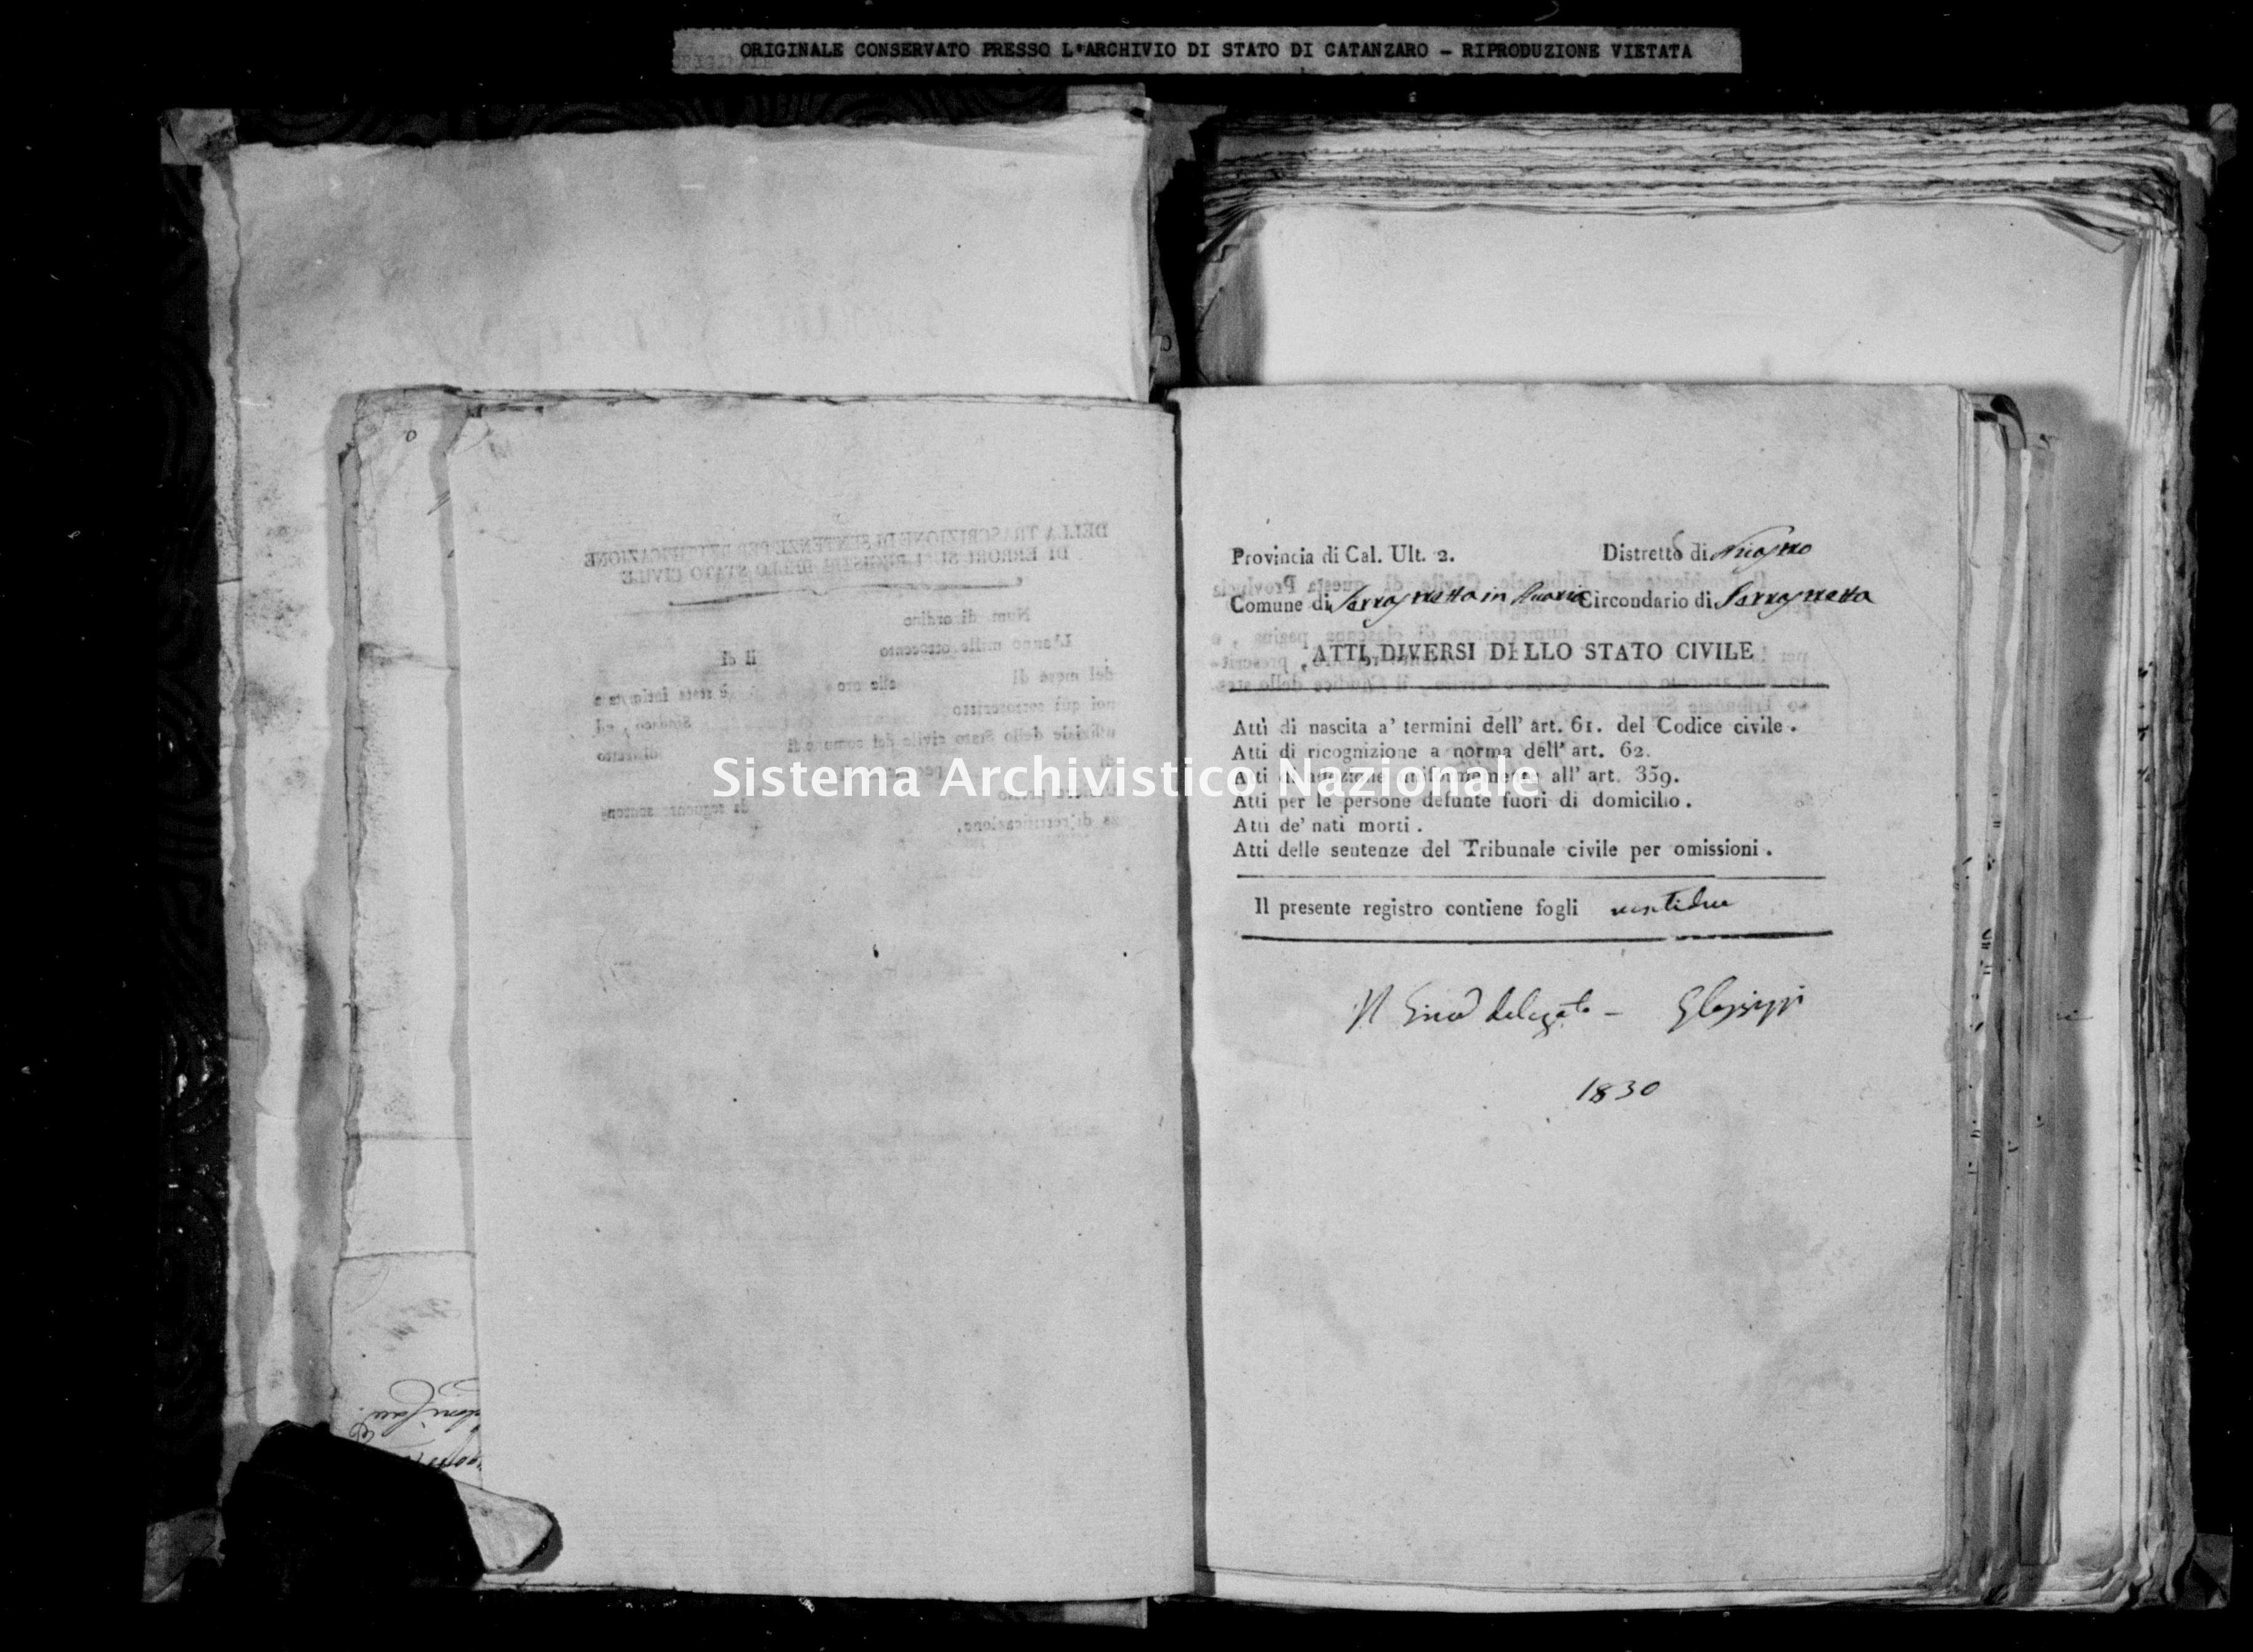 Archivio di stato di Catanzaro - Stato civile della restaurazione - Accaria - Diversi - 1830 -